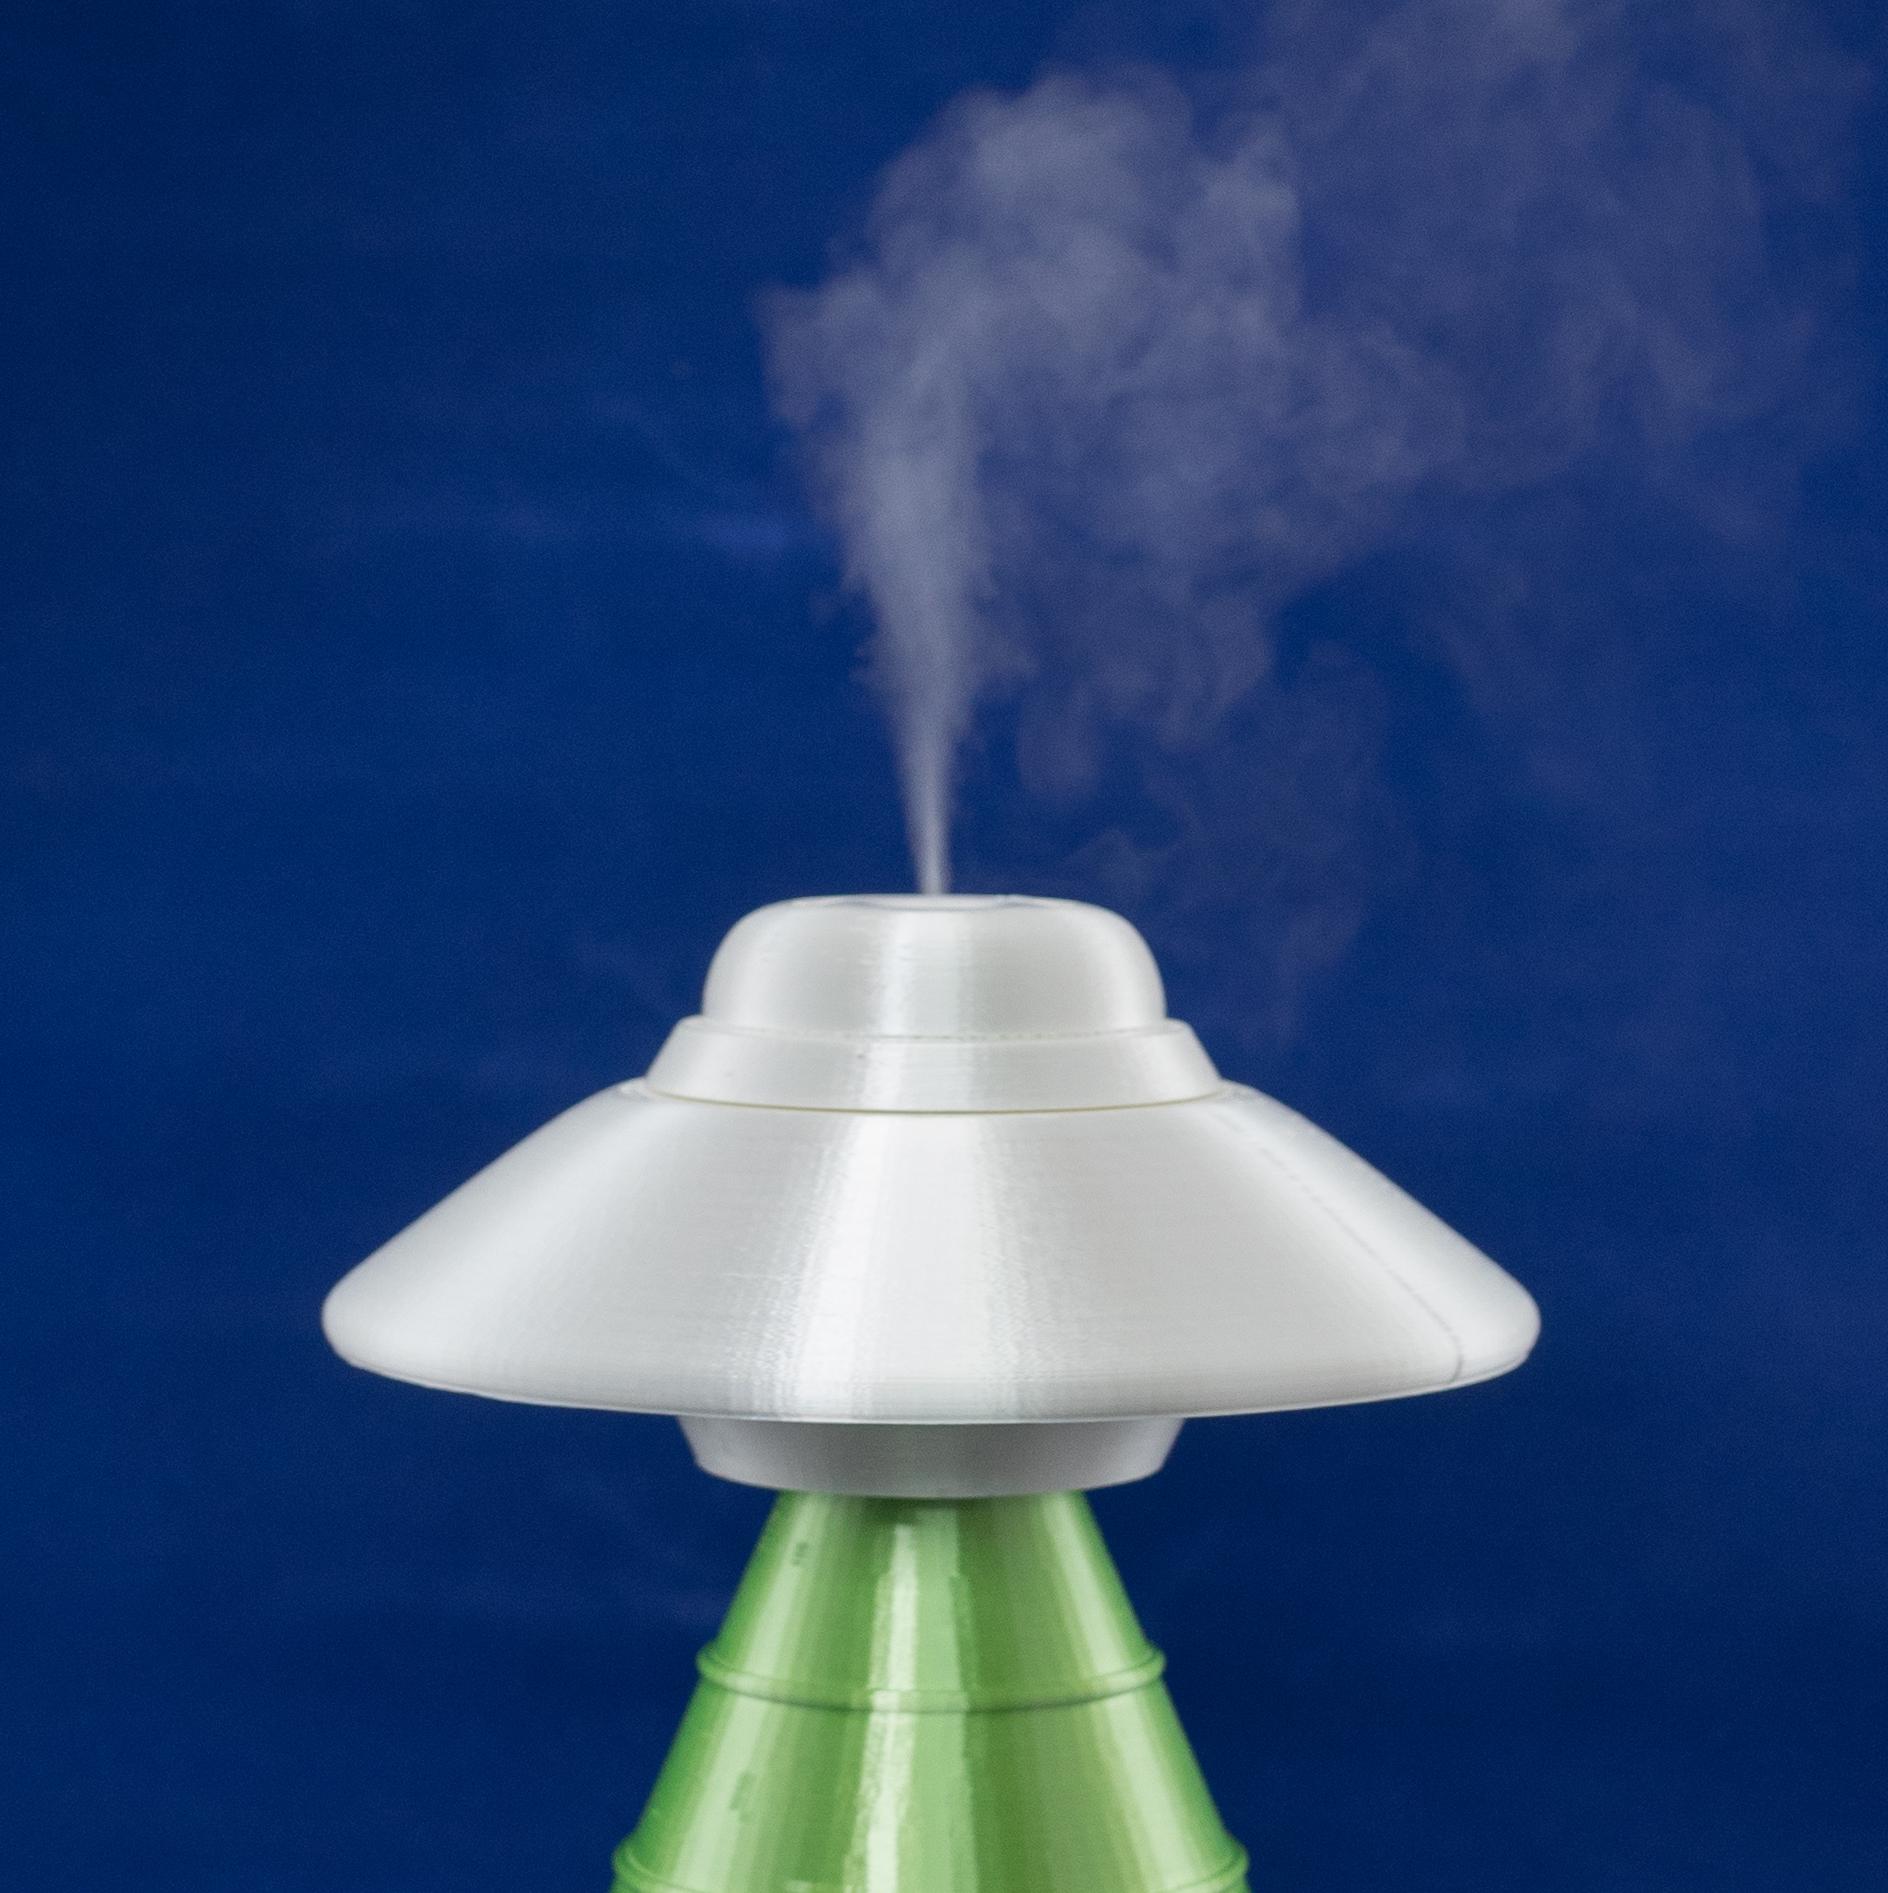 Kidify UFO humidifier close-up